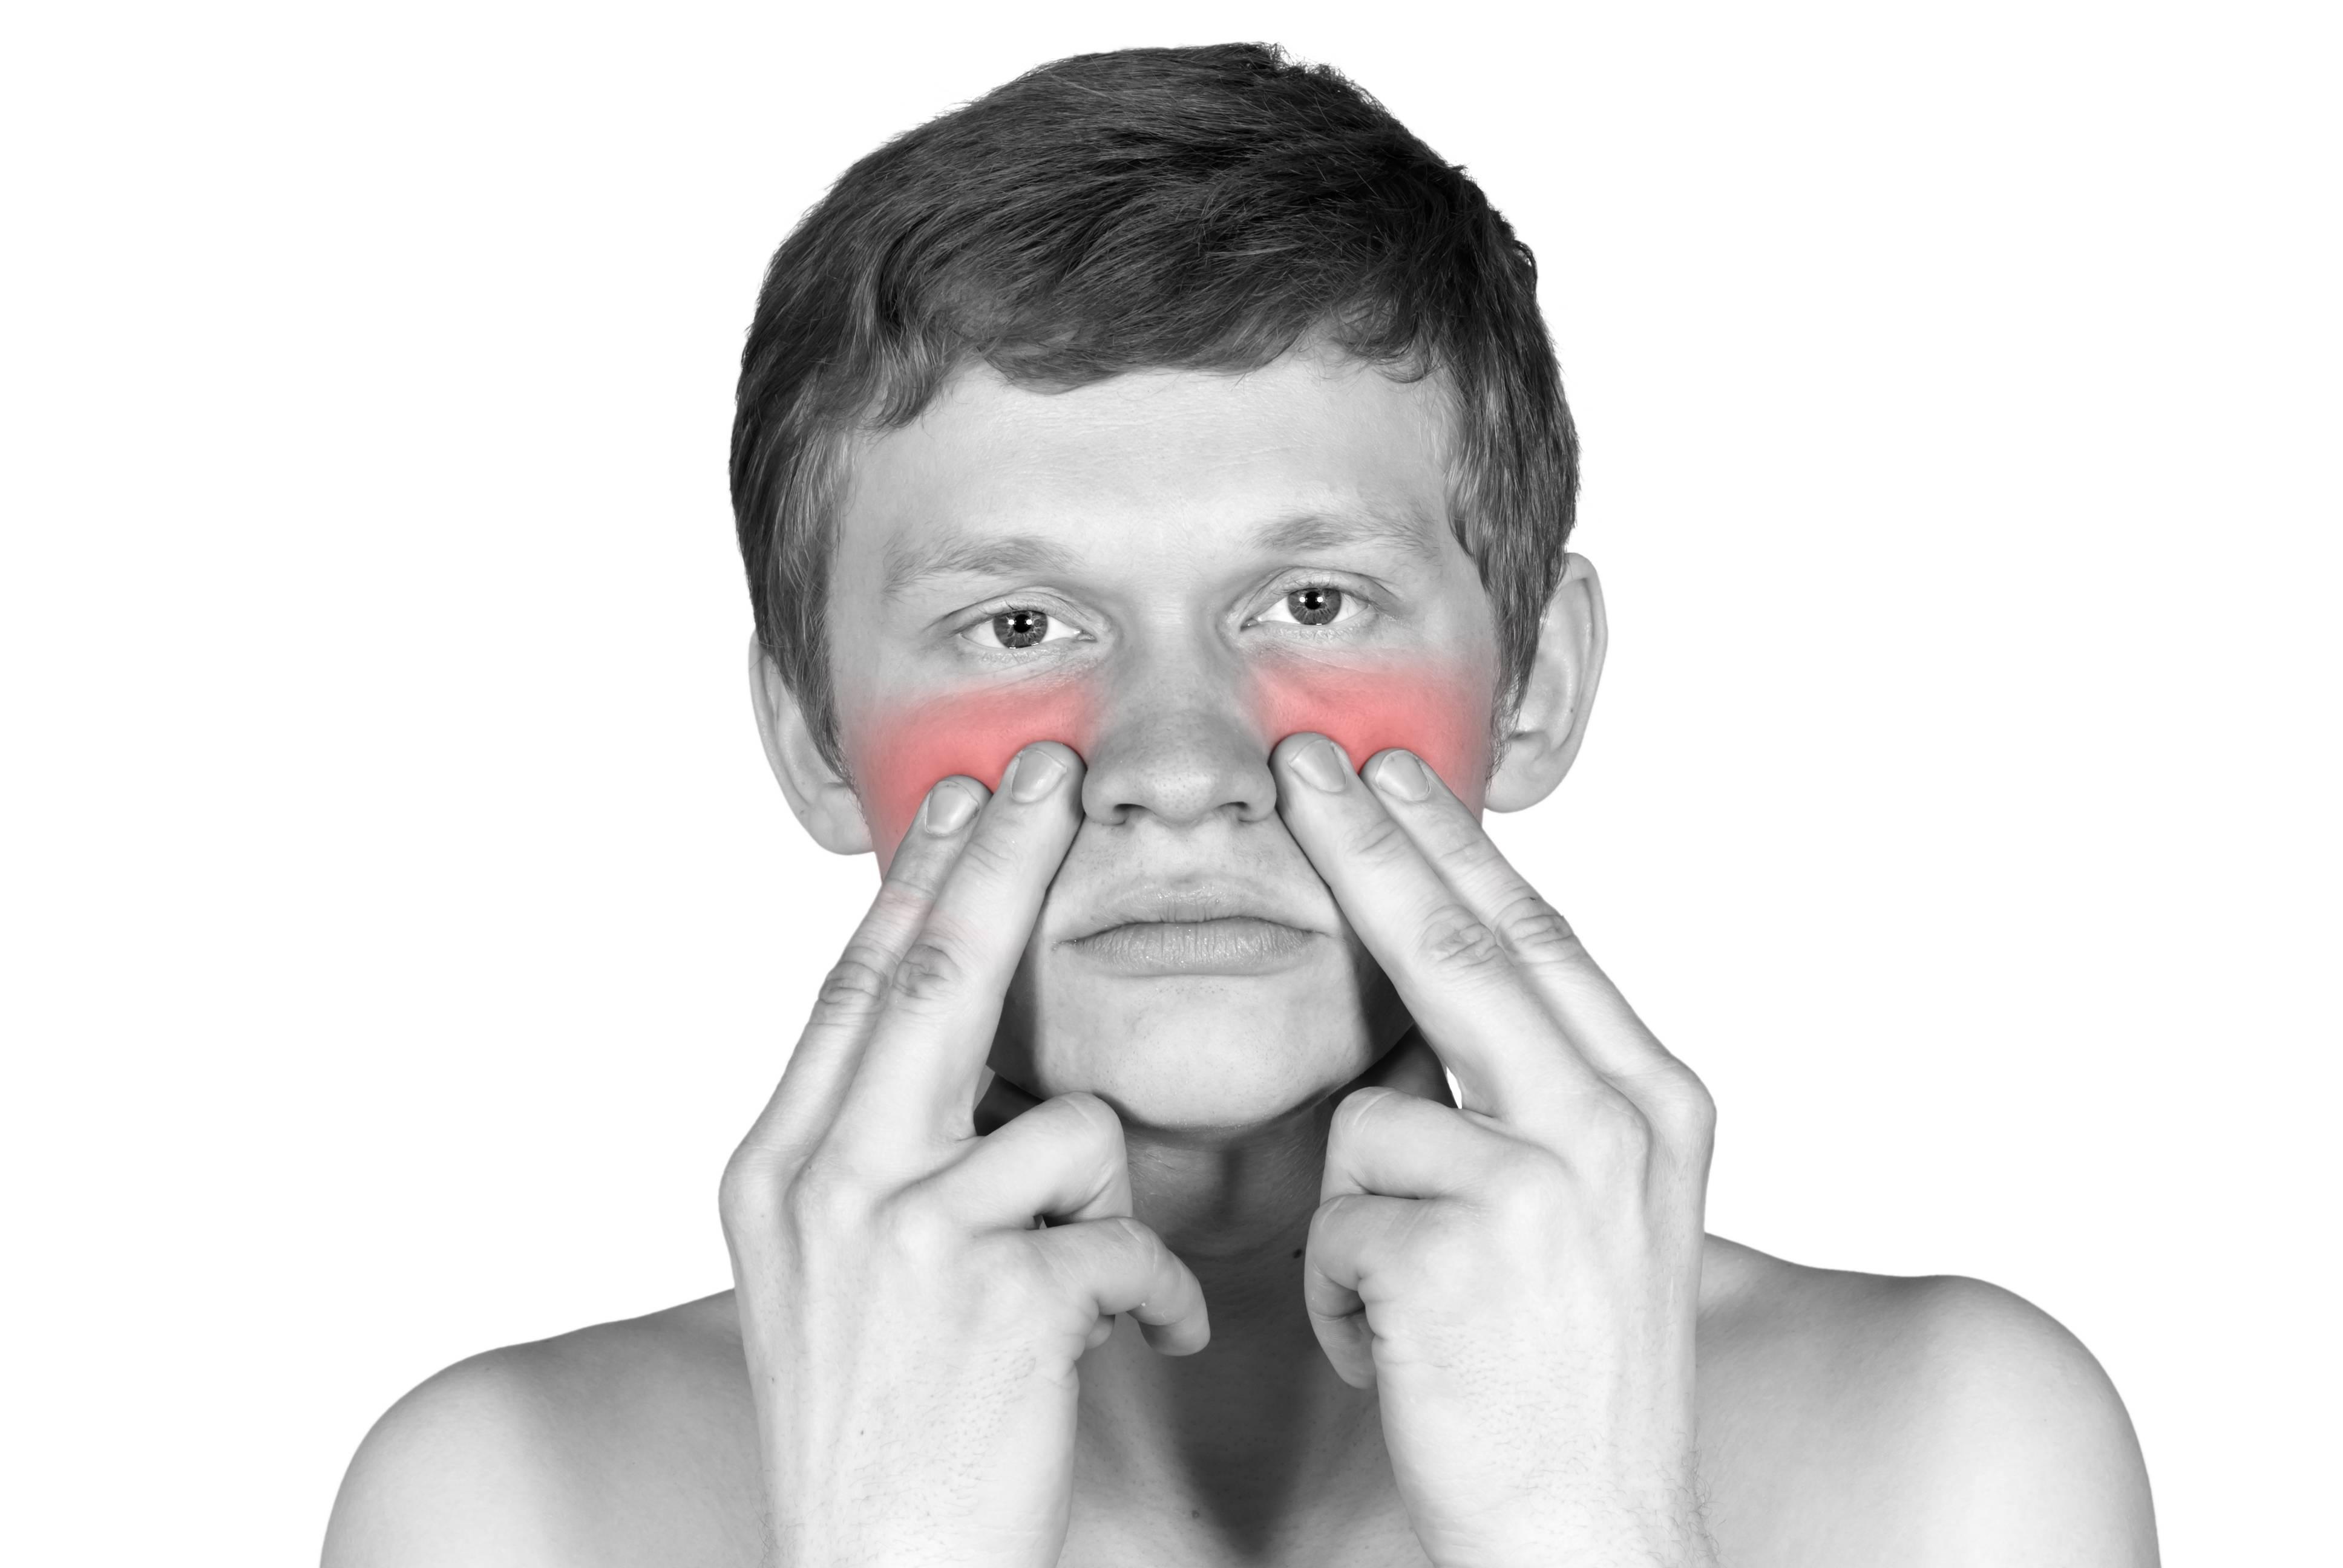 Хронический гайморит заразен или нет. может или нет гайморит быть заразным